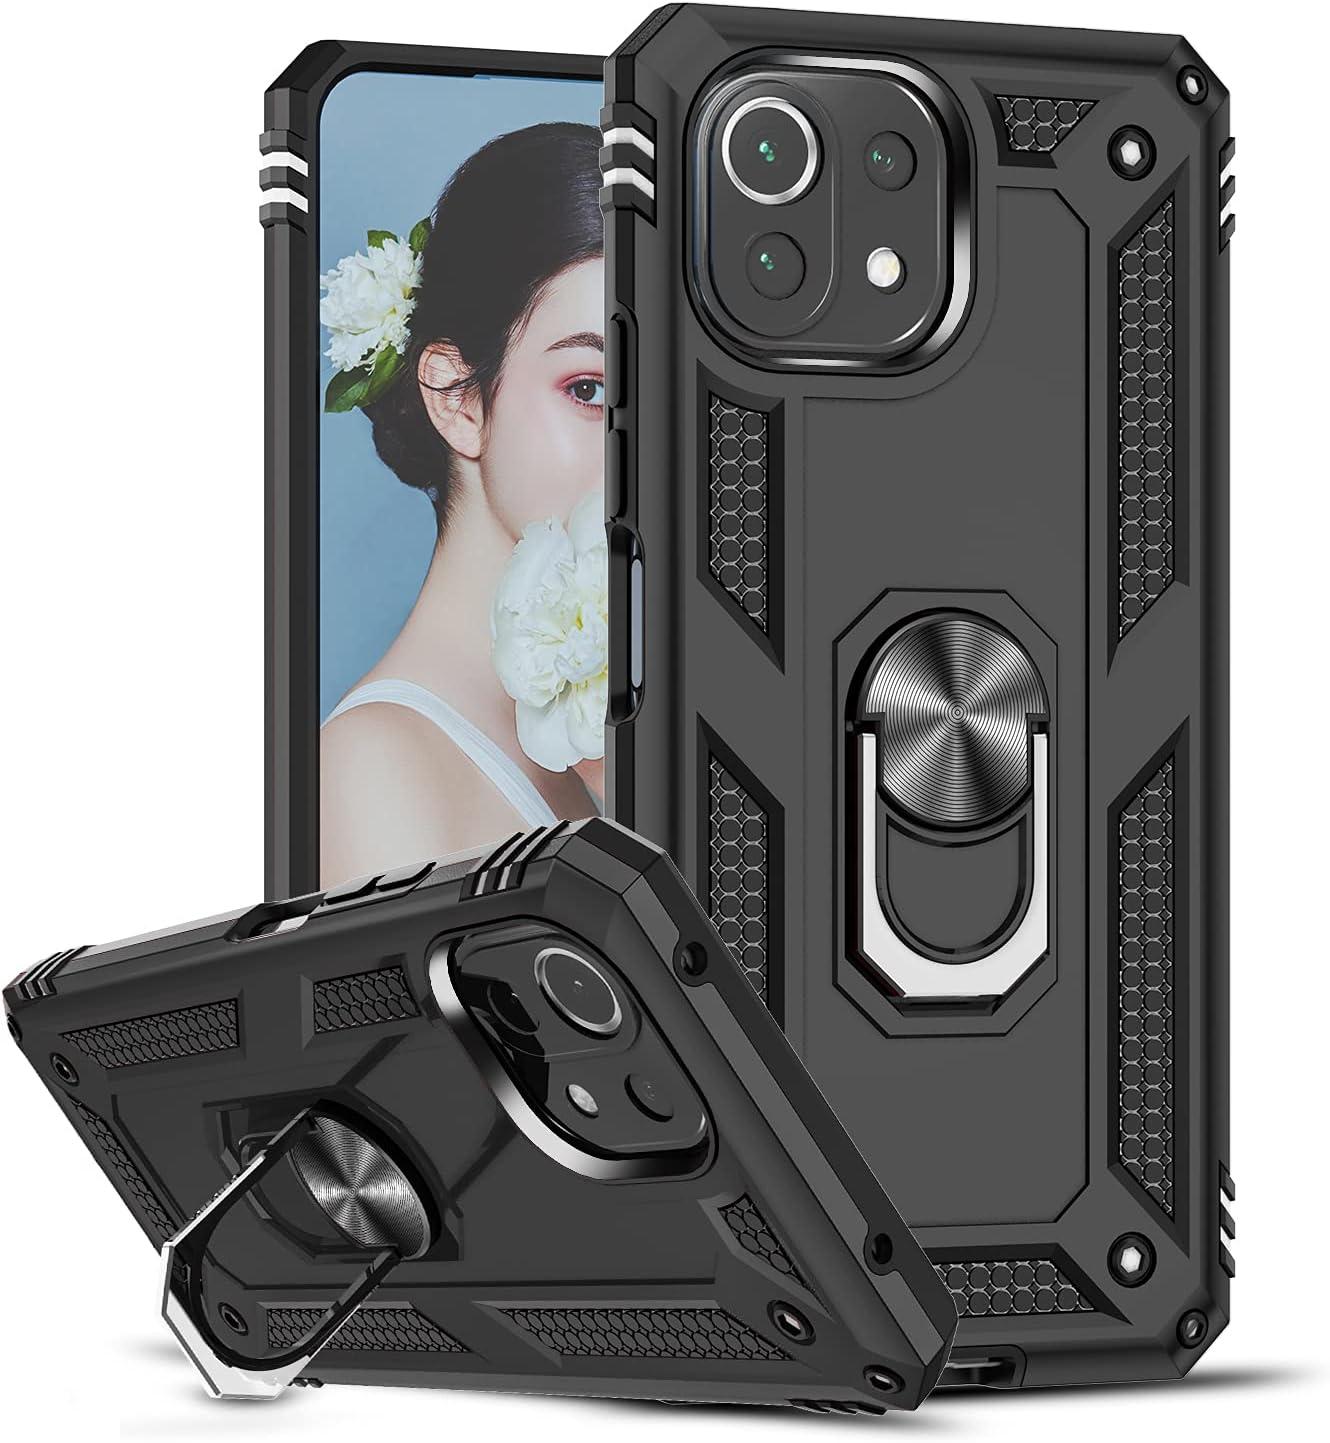 LeYi Funda para Xiaomi Mi 11 Lite/Mi 11 Lite 5G, Armor Carcasa con 360 Grados Anillo iman Soporte Hard PC Silicona TPU Bumper Antigolpes Case para Movil Xiaomi Mi 11 Lite, Negro